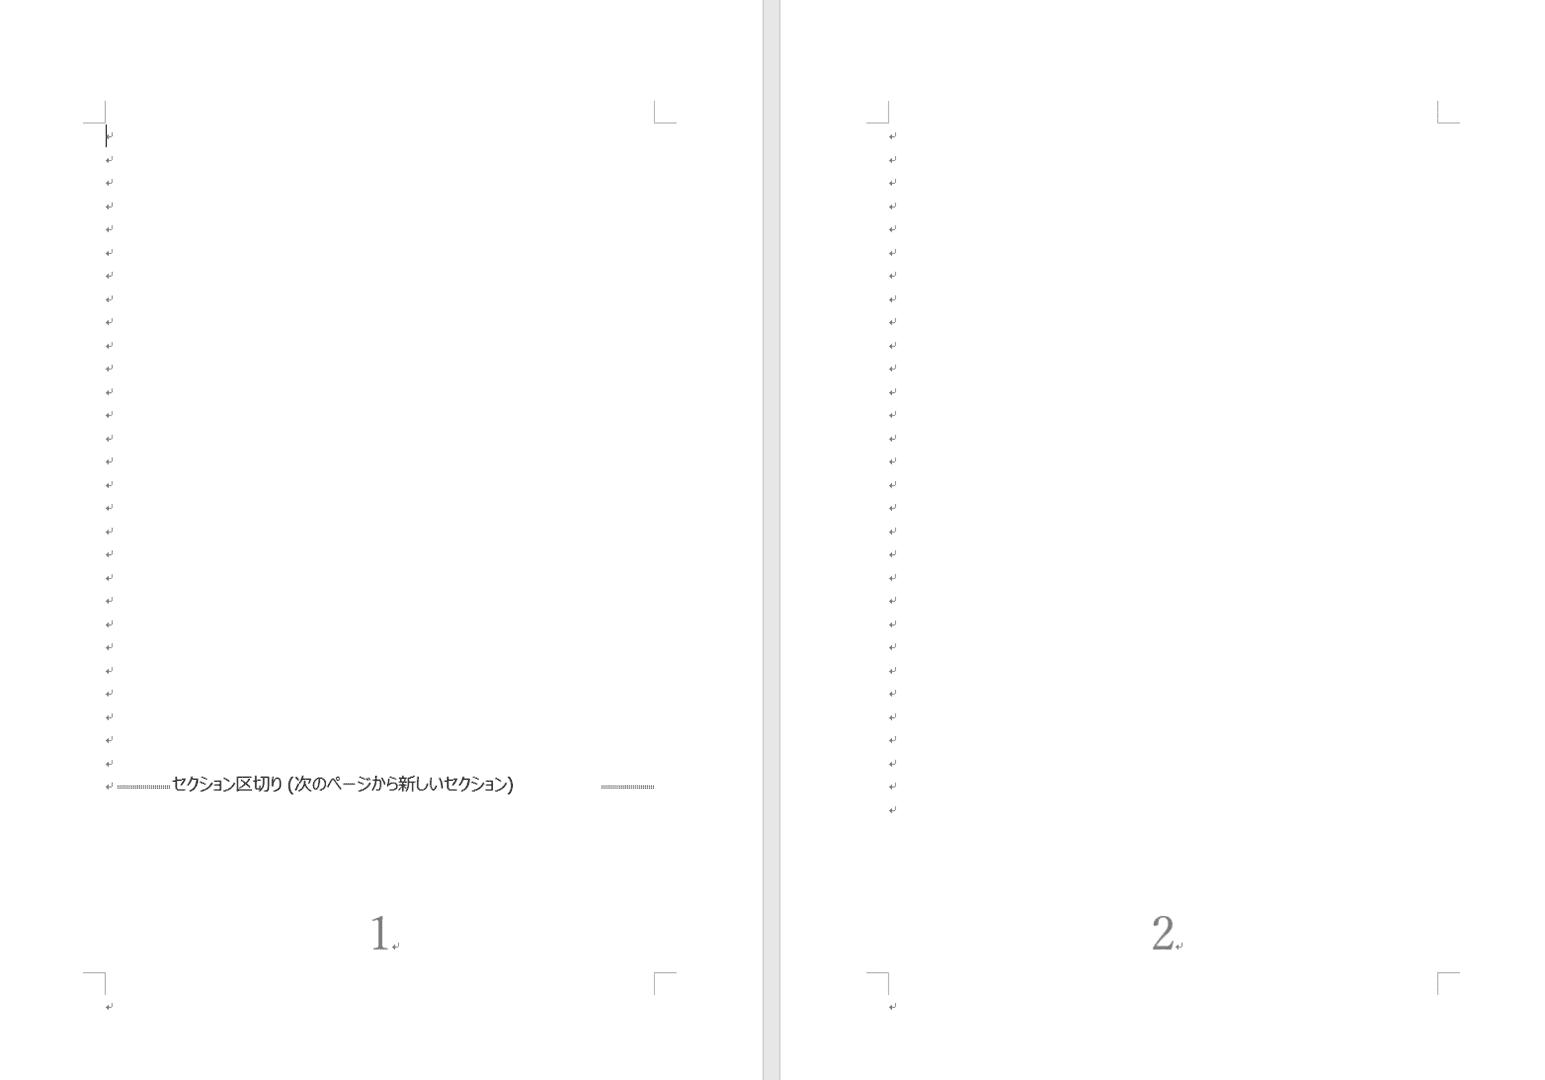 セクション区切りのページを用意